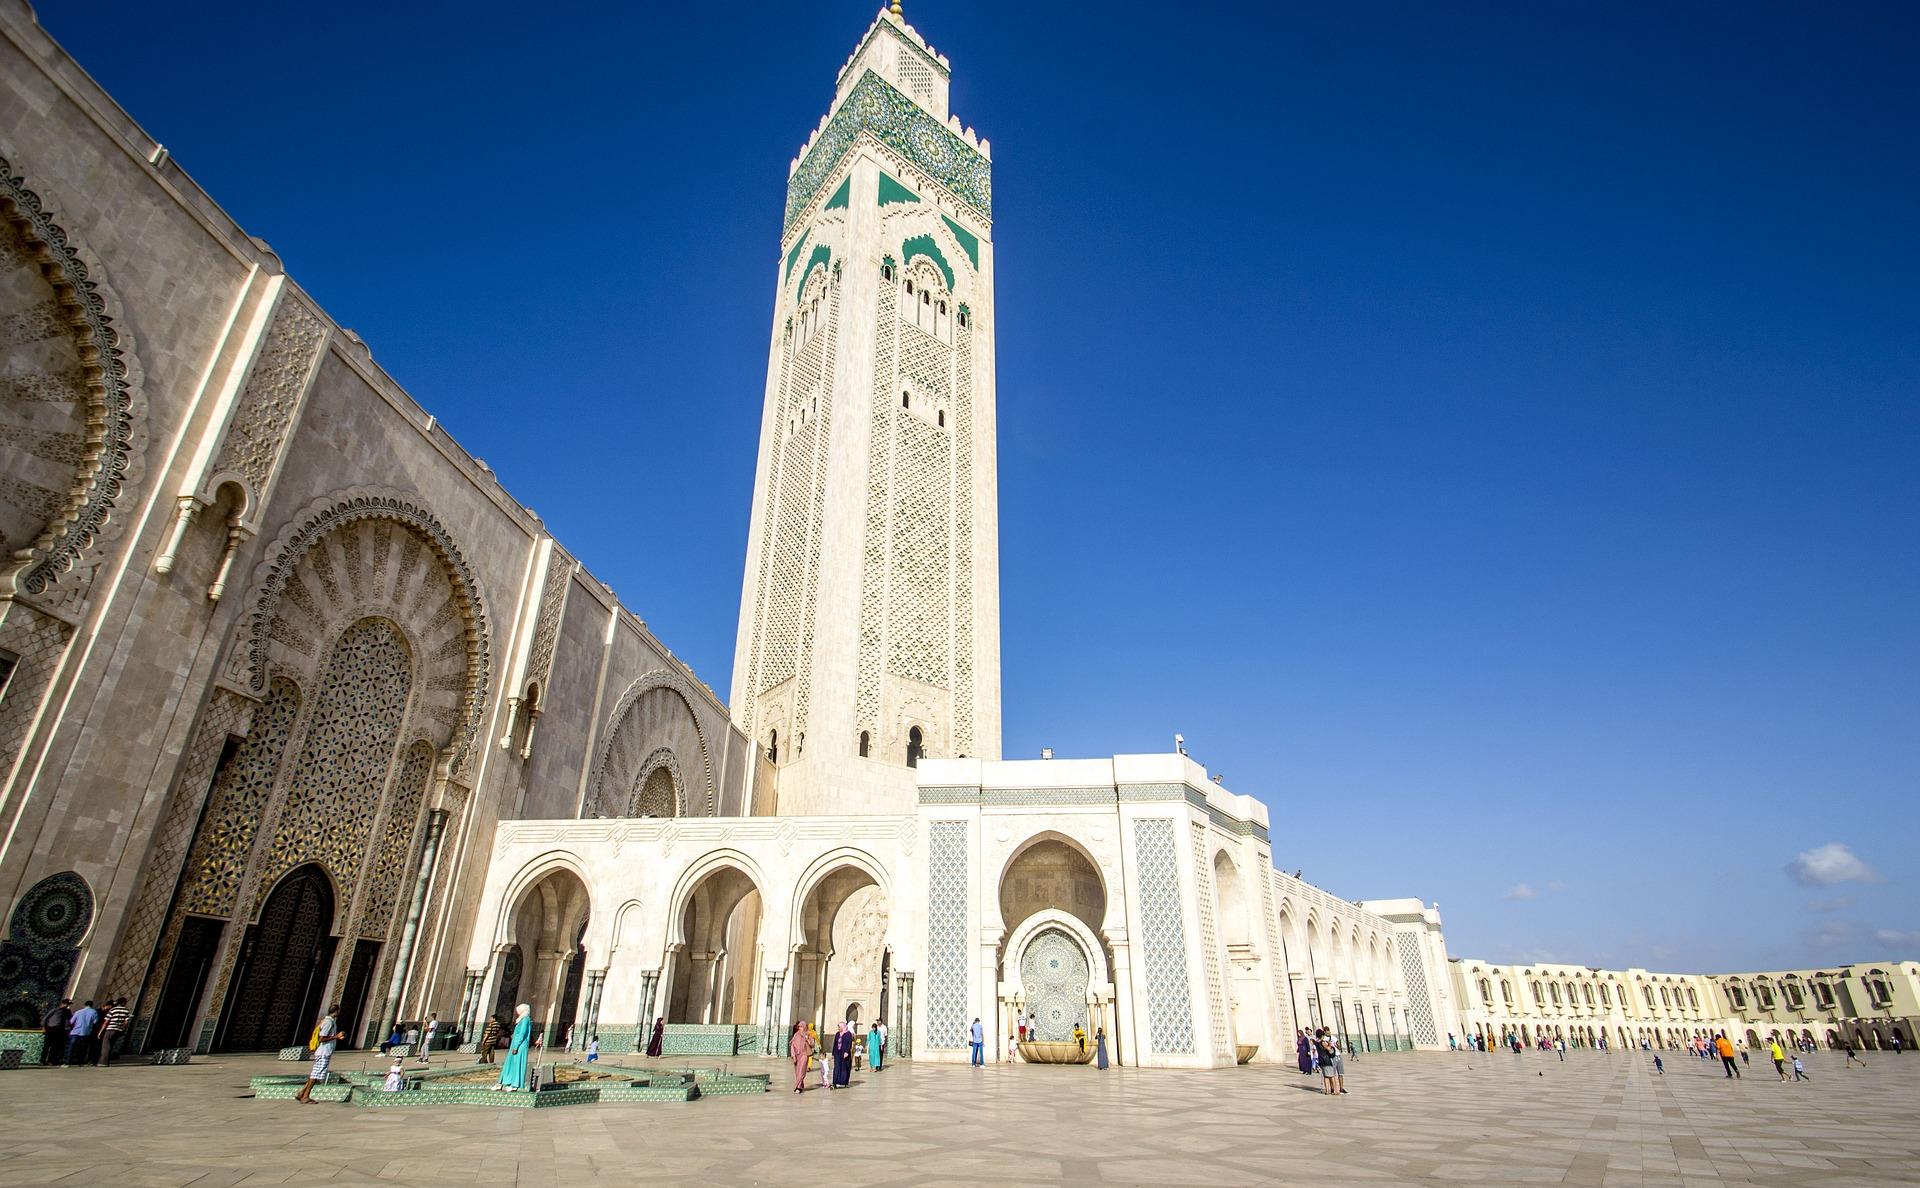 Hassan Moschee - Menschen aus der gesamten Welt reisen hier her